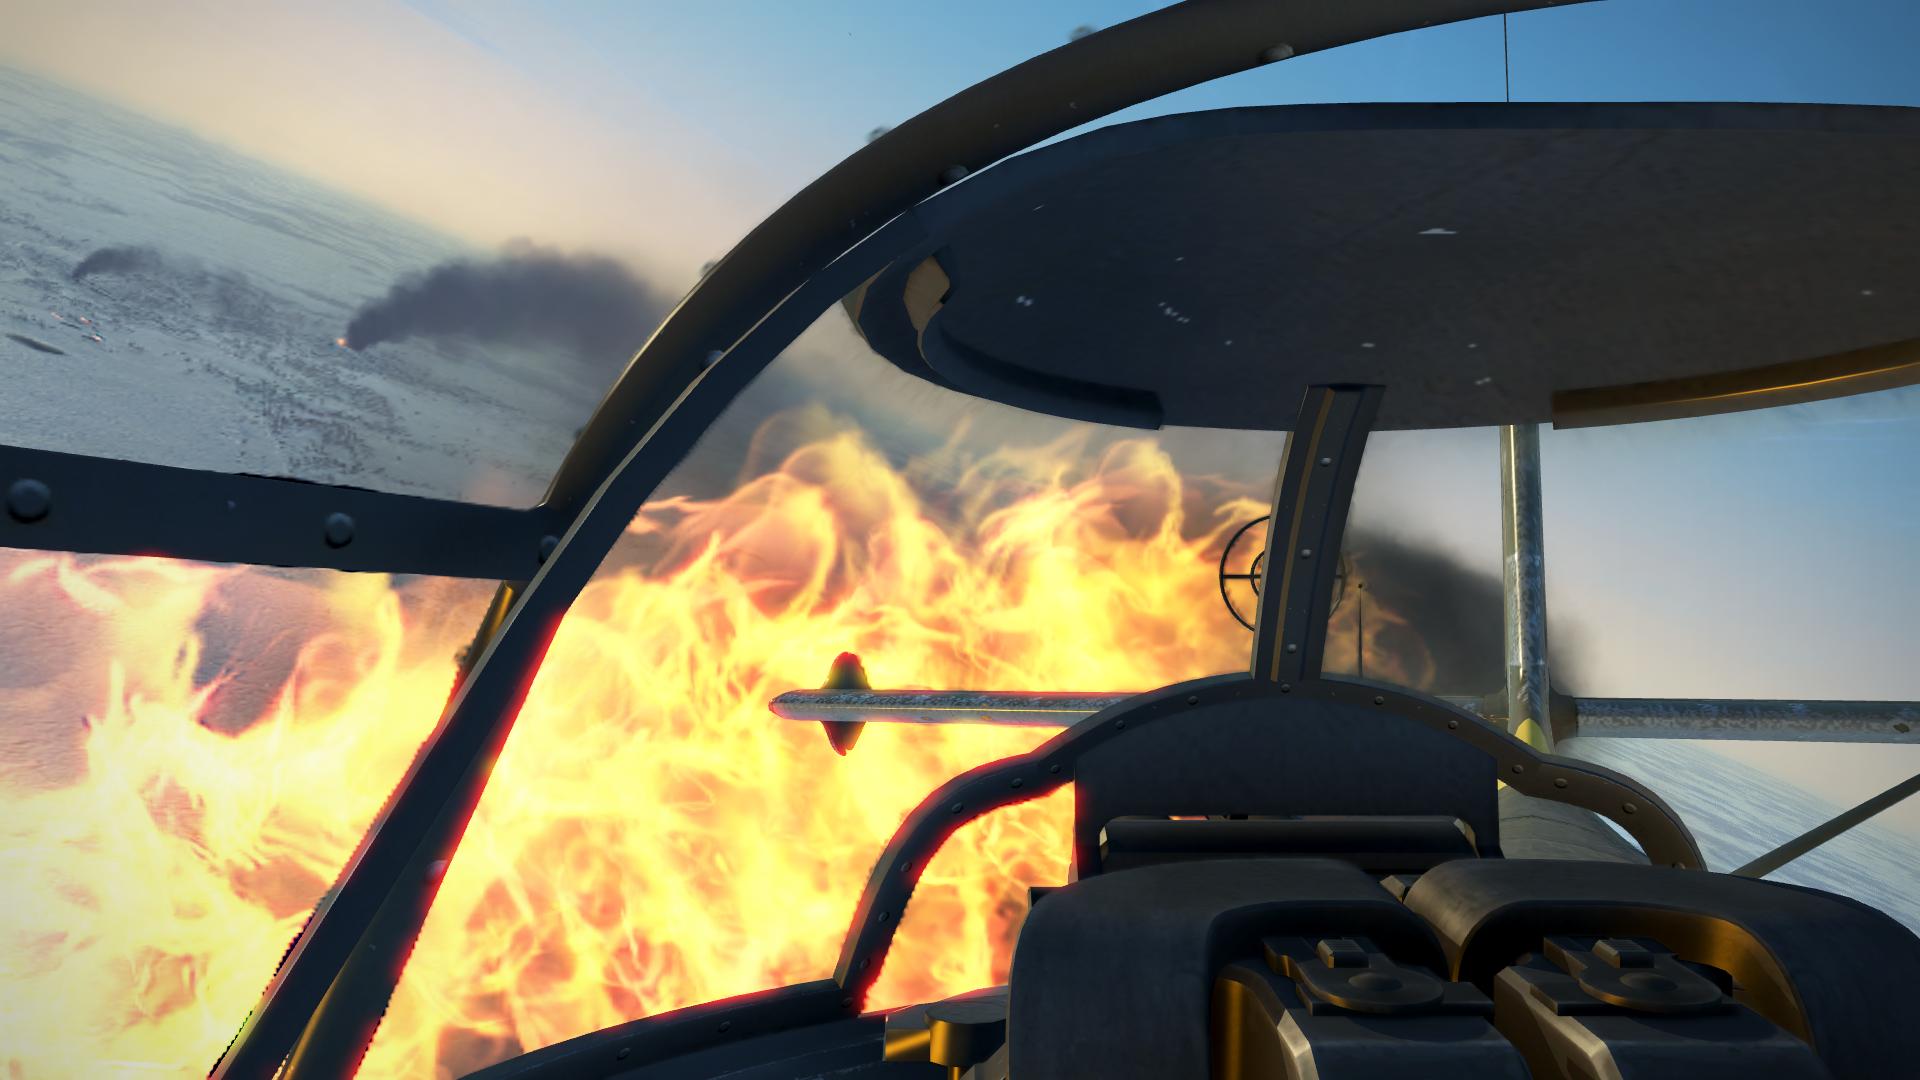 IL-2 Sturmovik Battle of Stalingrad Screenshot 2019.07.07 - 20.33.06.95.png